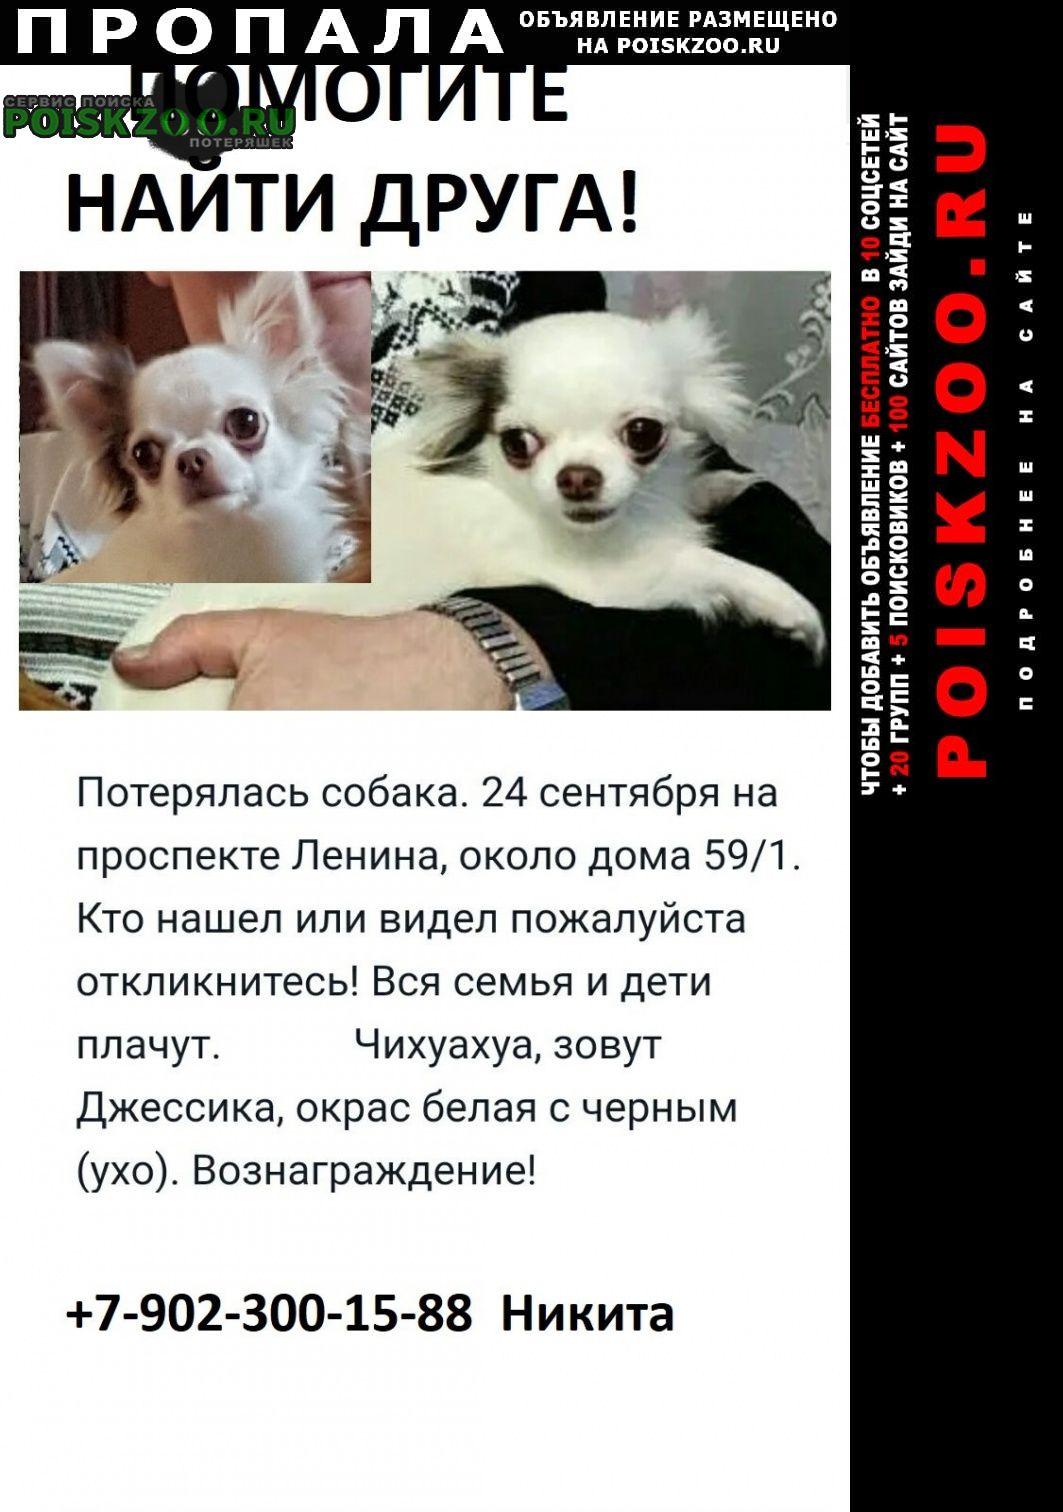 Нижний Новгород Пропала собака мини чихуахуа белая с черным (ухо)